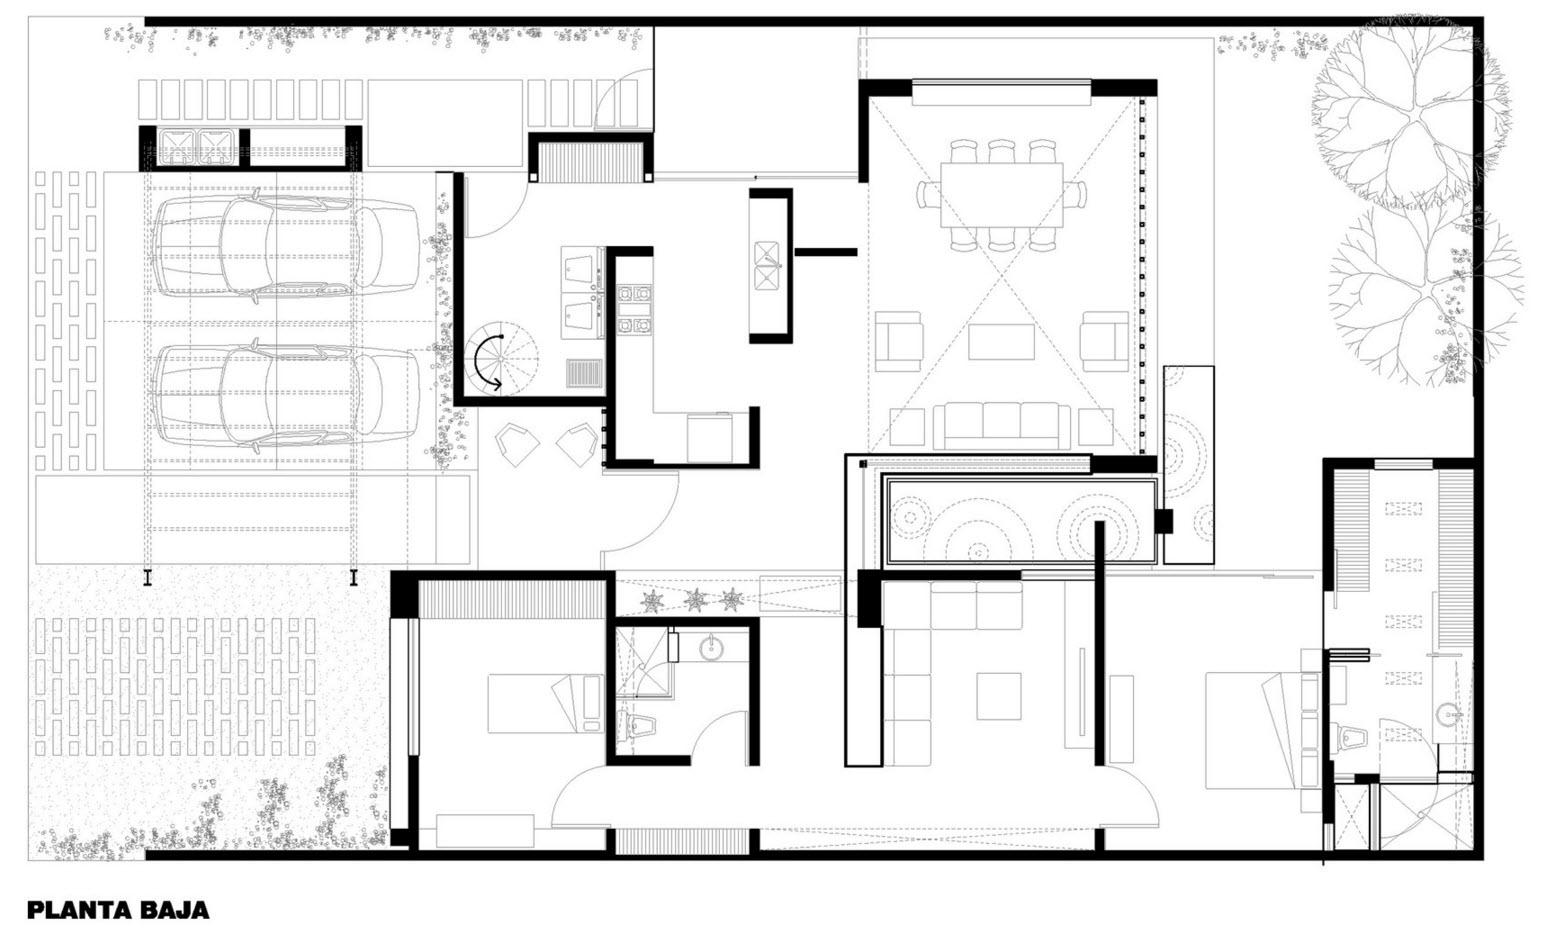 Dise o casa moderna de un piso for Planos para casas de dos pisos modernas